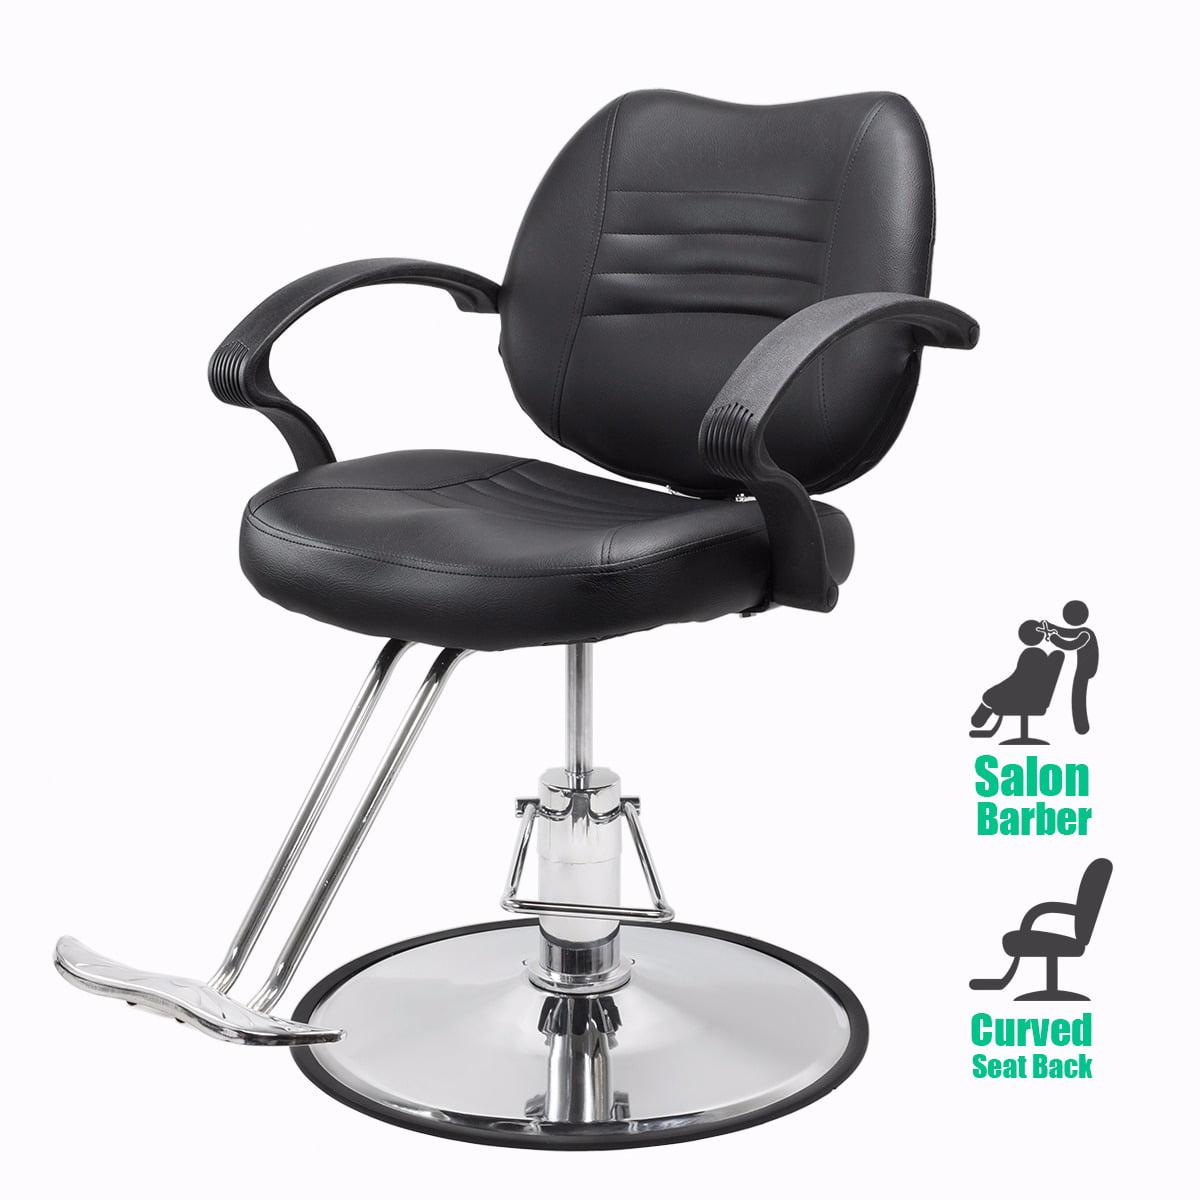 XtremepowerUS BestSalon Barber Chair Hydraulic Styling Sa...